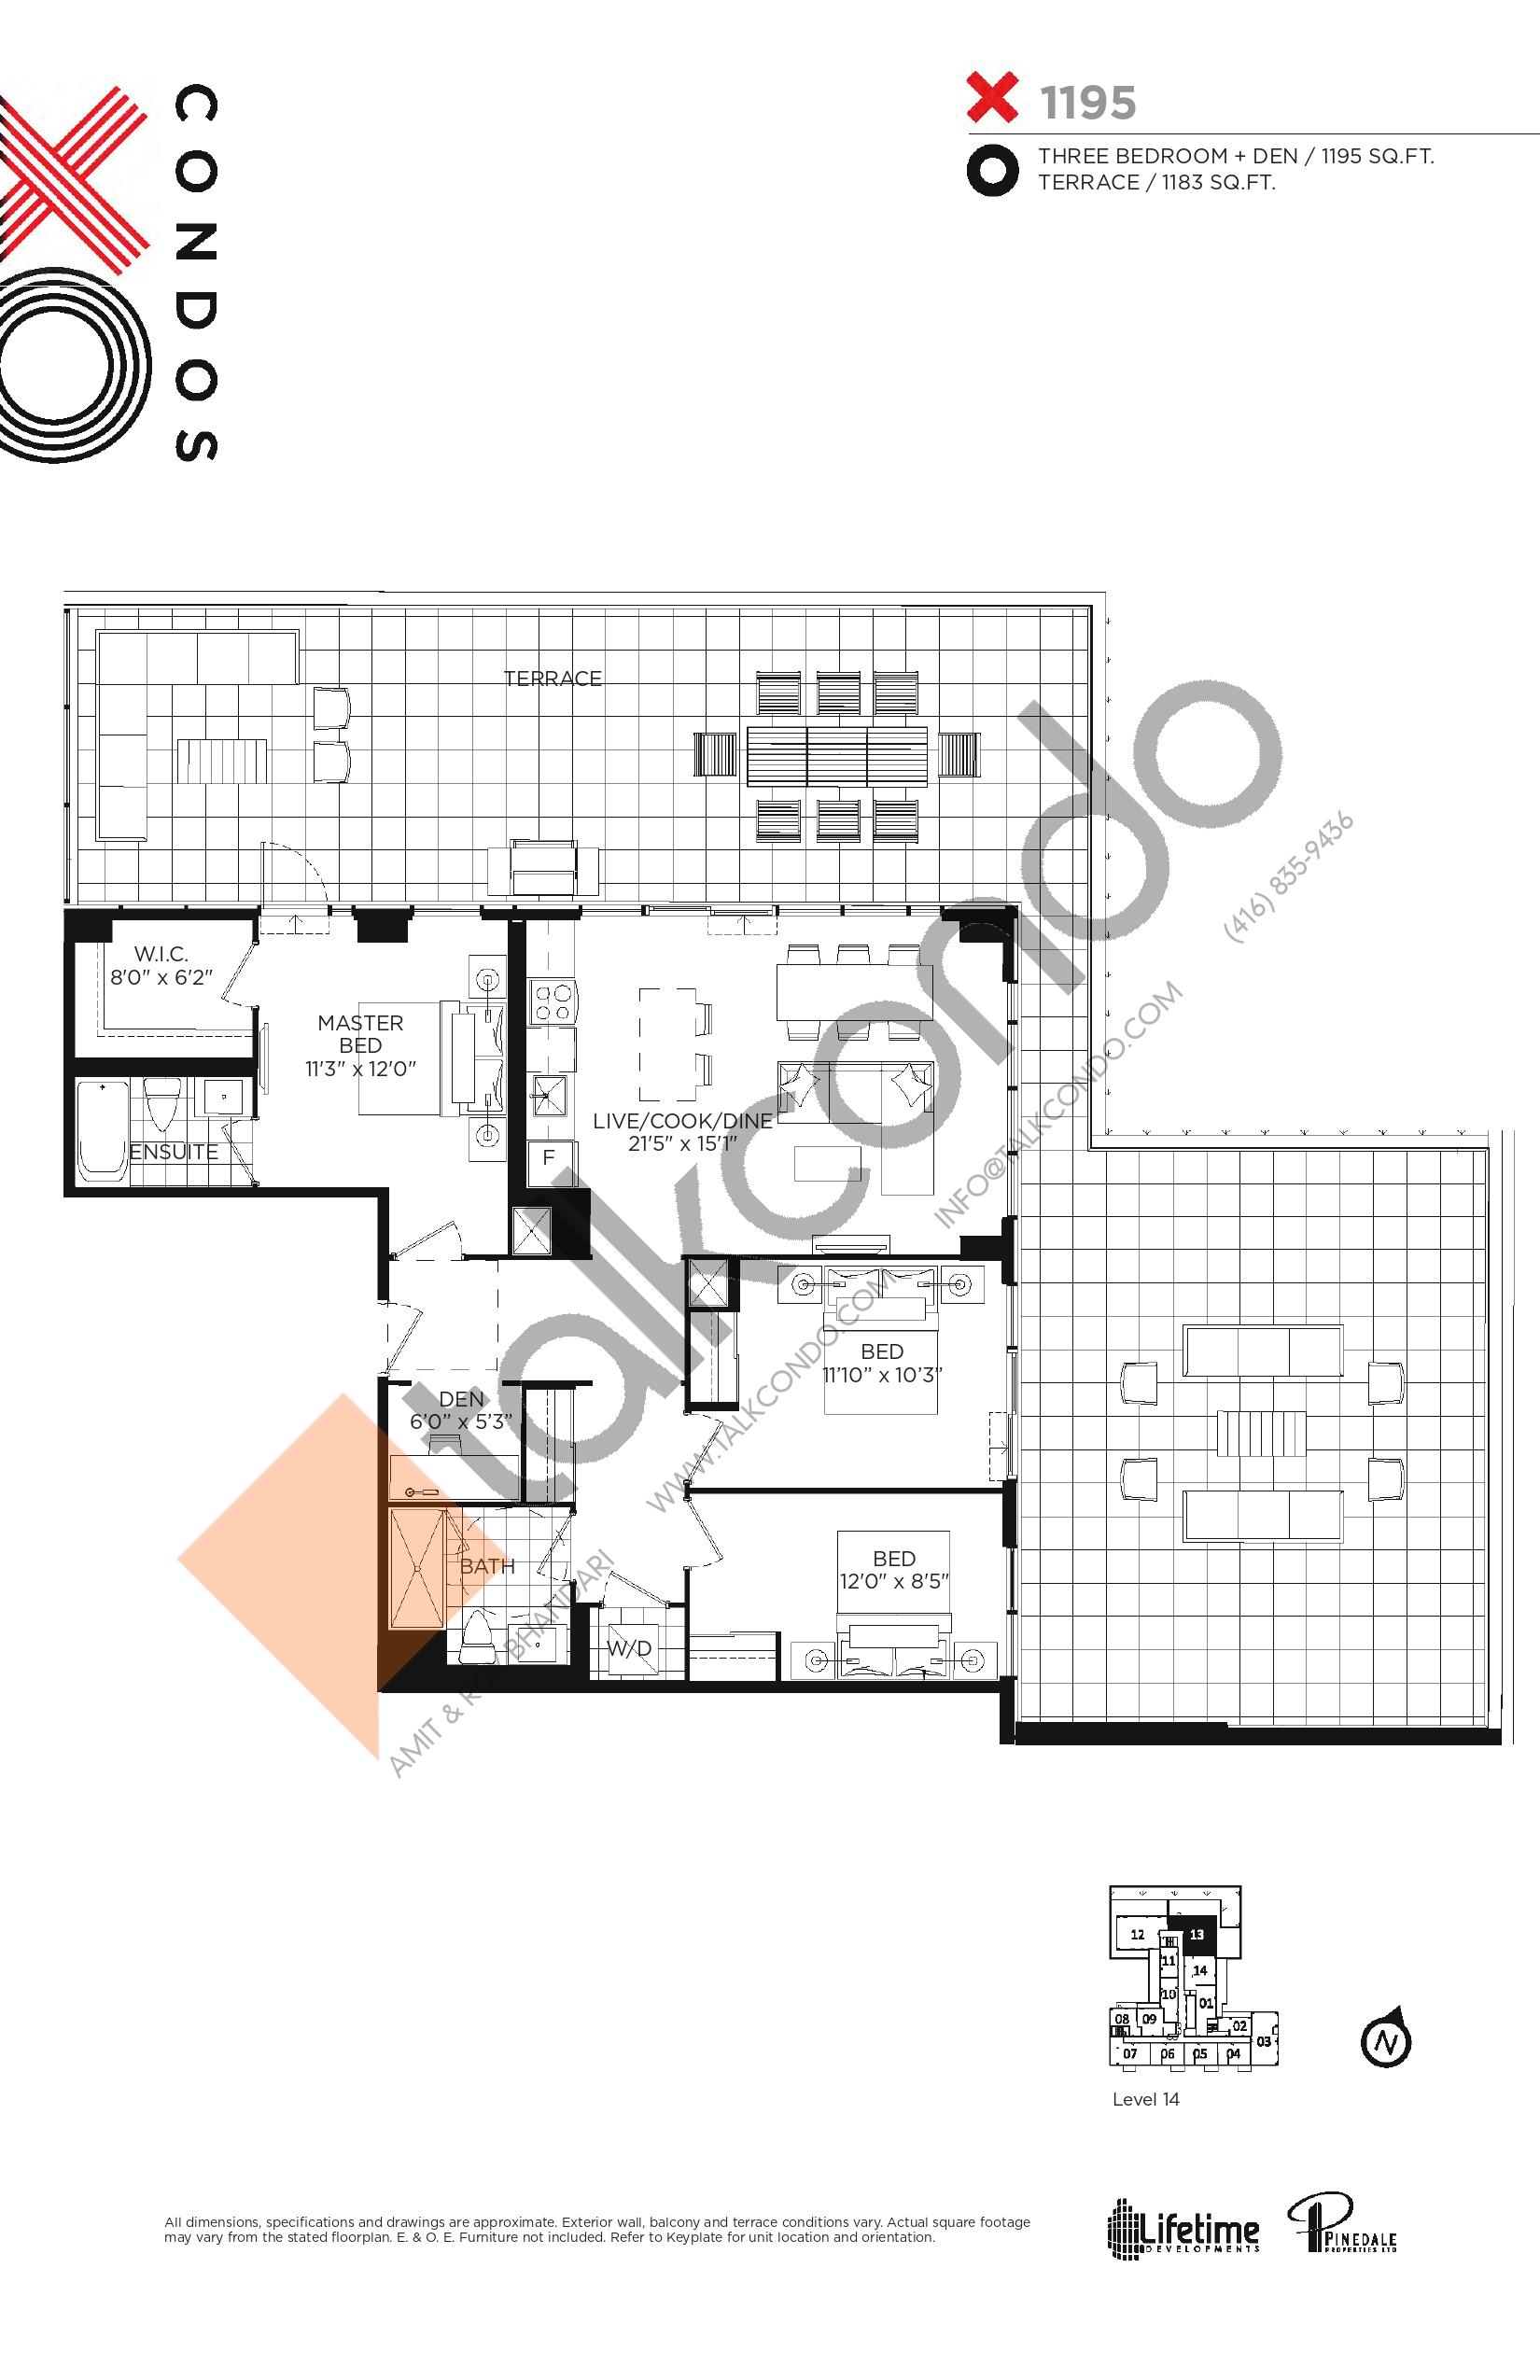 X1195 Floor Plan at XO Condos - 1195 sq.ft